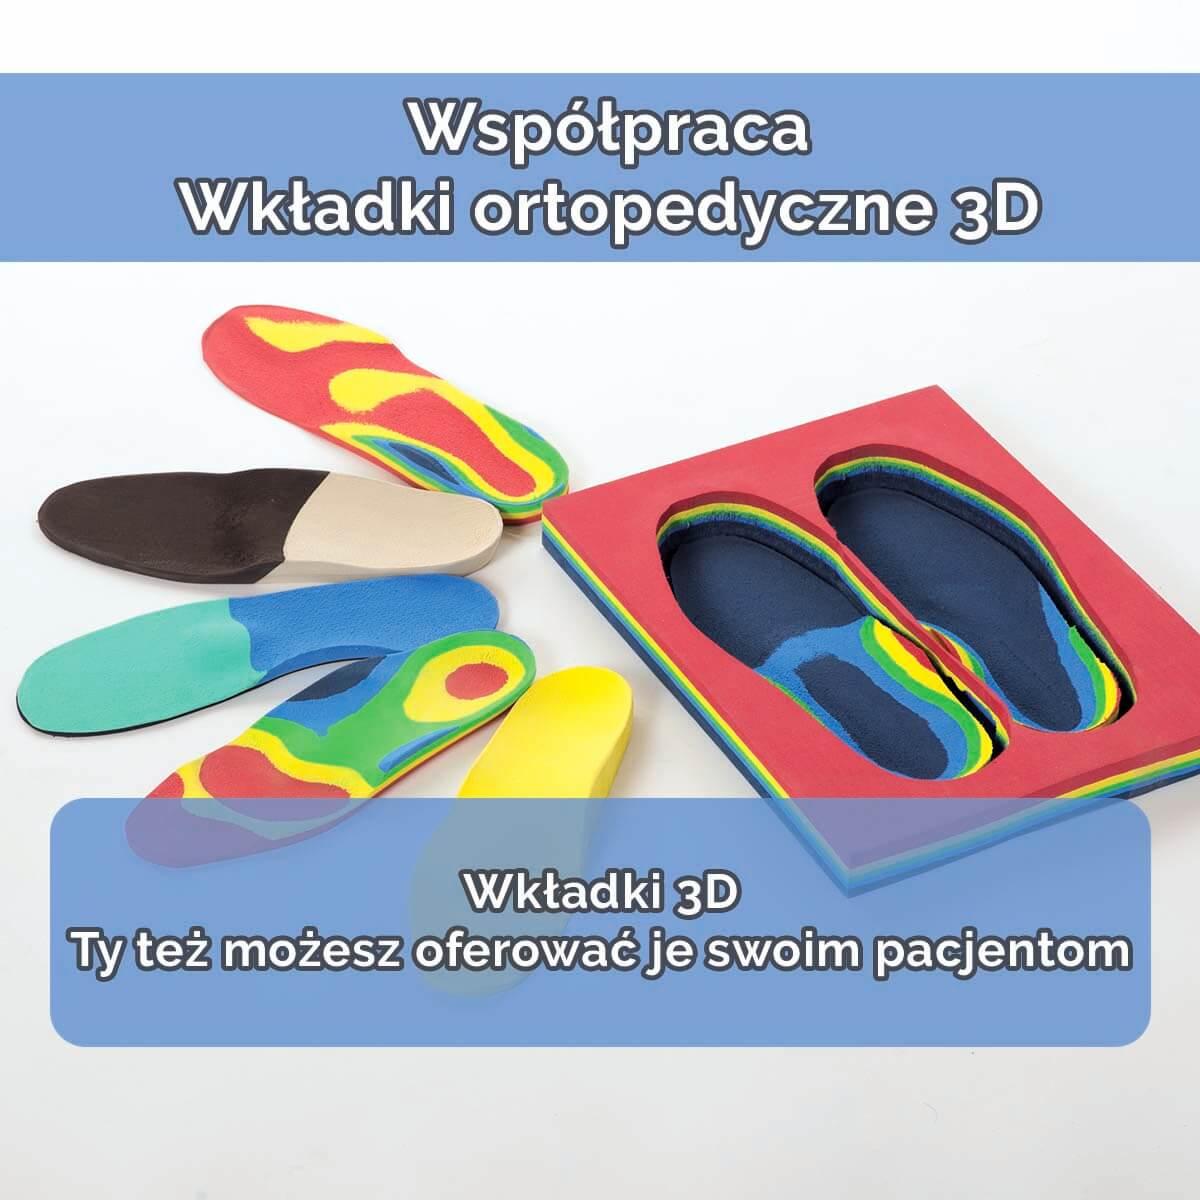 Wkładki ortopedyczne 3D - współpraca